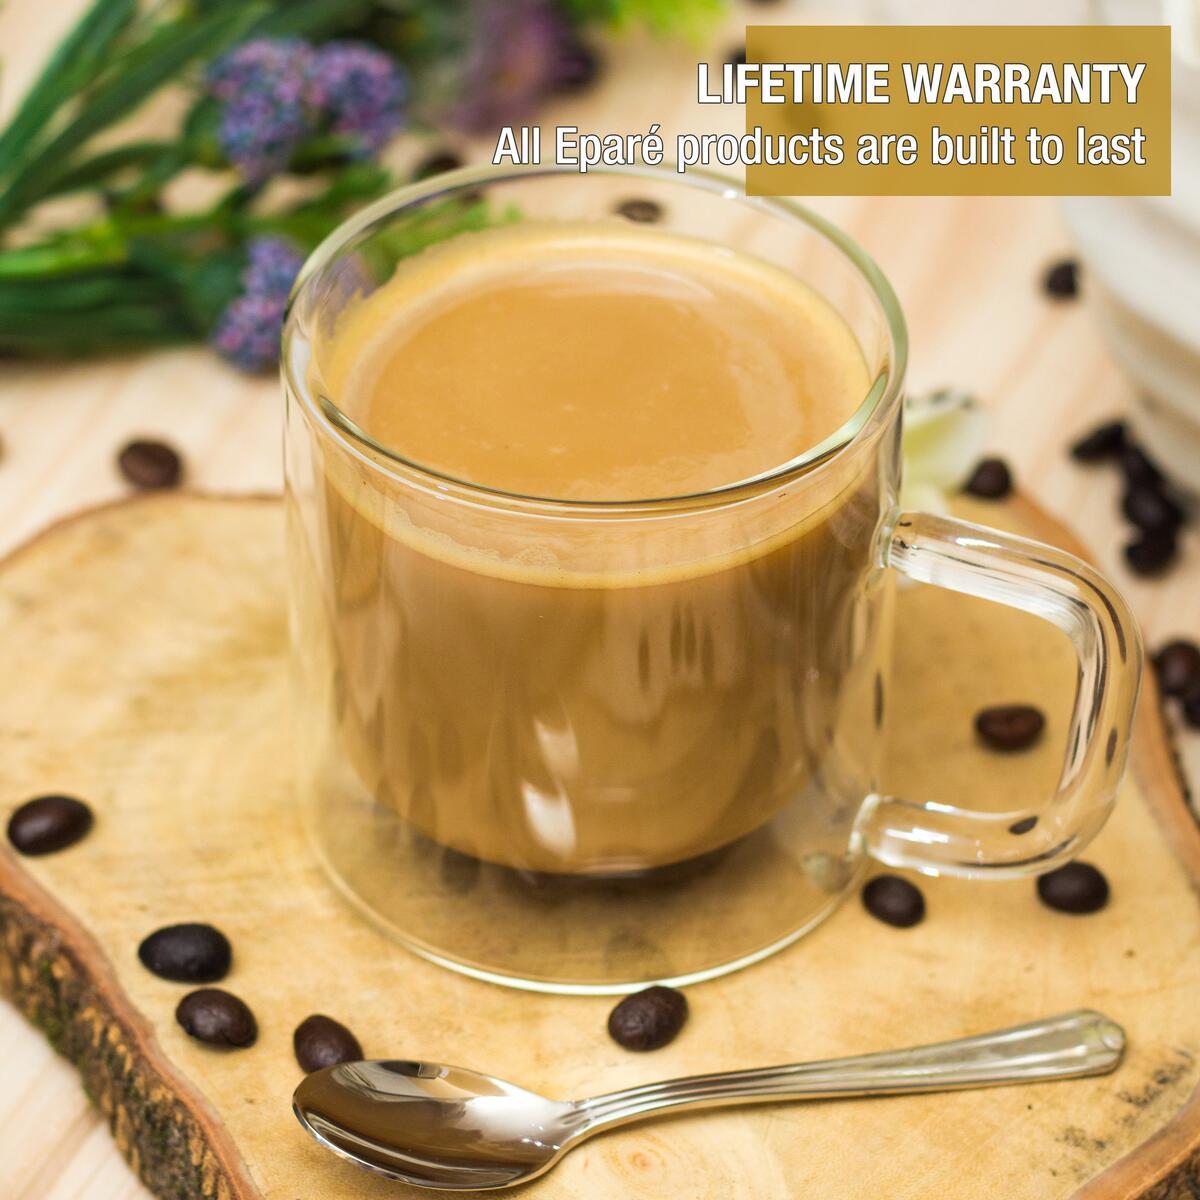 Eparé 8 oz. Latte Glass Mug (Set of 2)